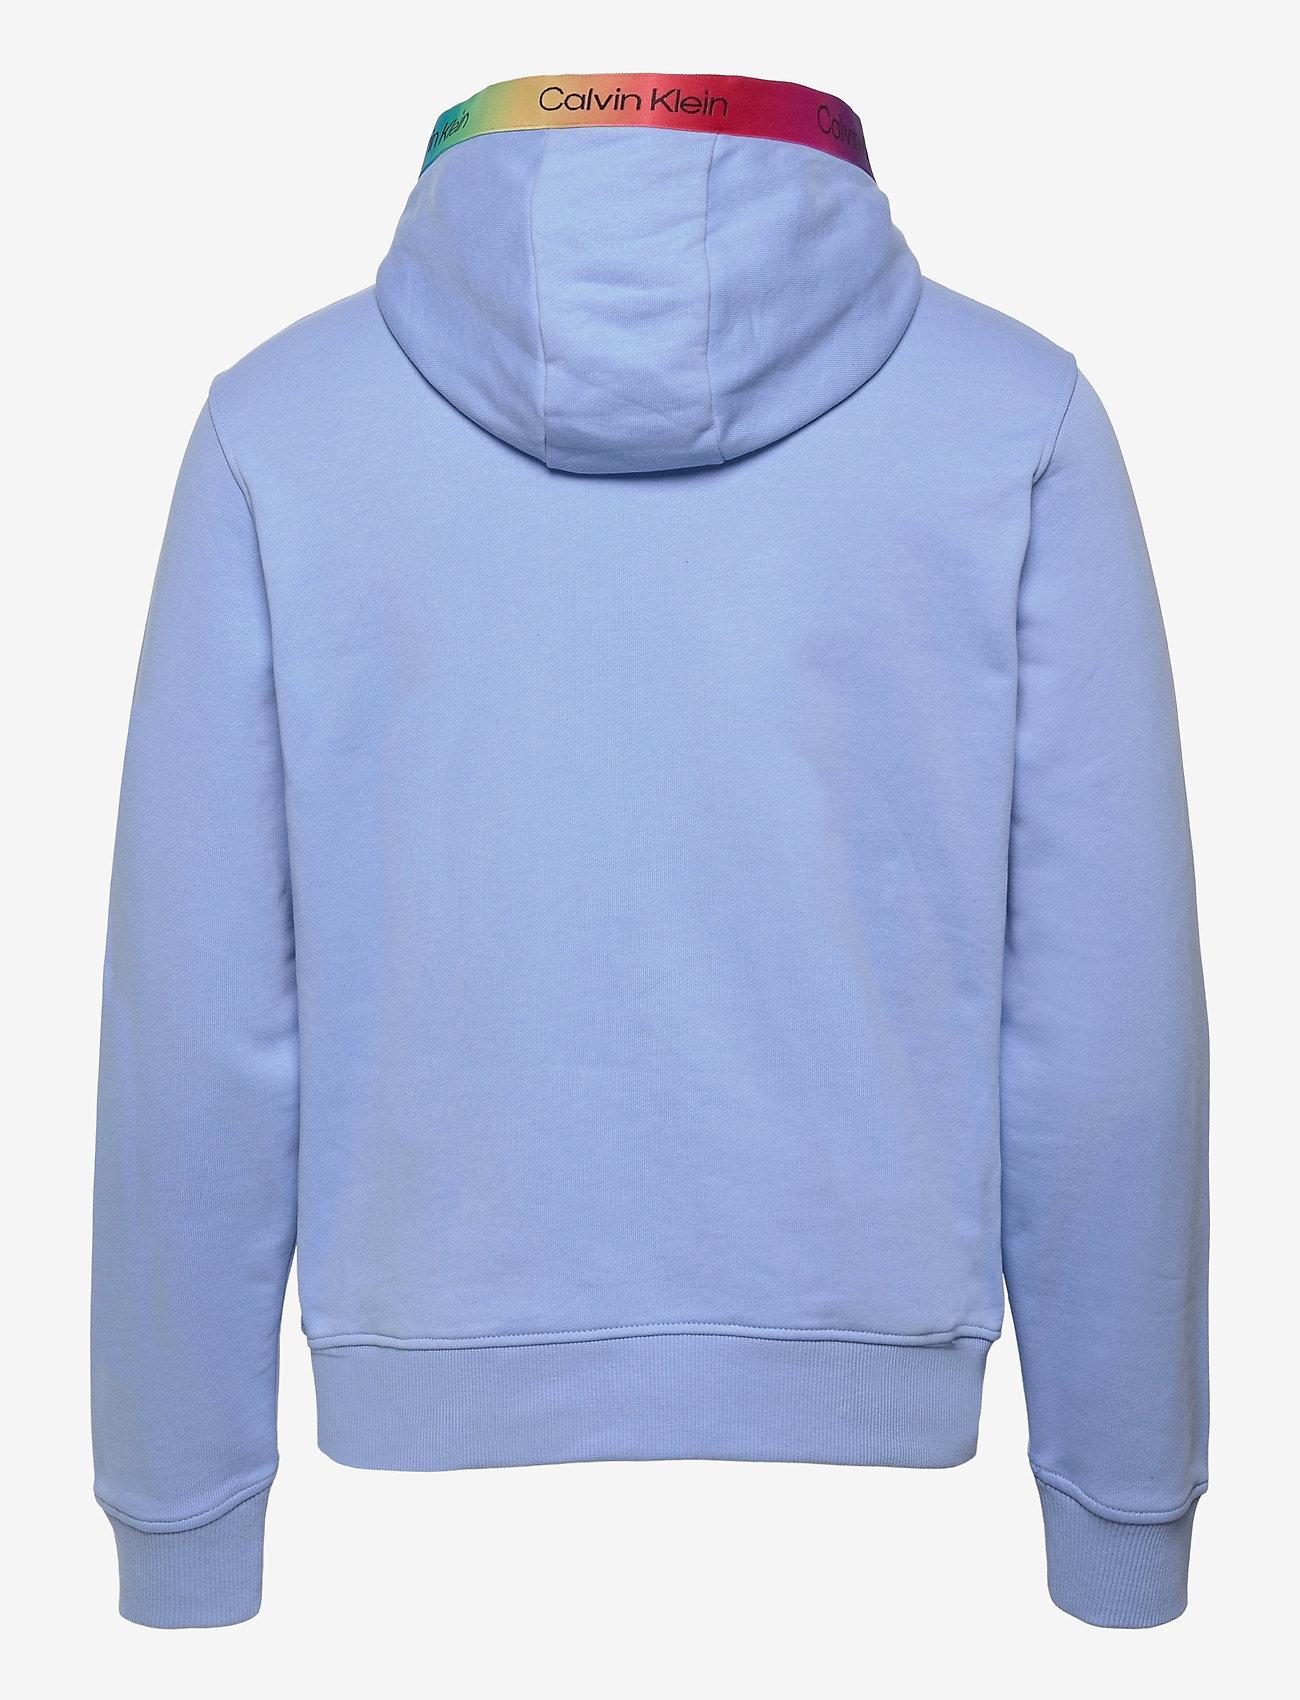 Calvin Klein - PRIDE SMALL LOGO HOODIE - sweats à capuche - vista blue - 1